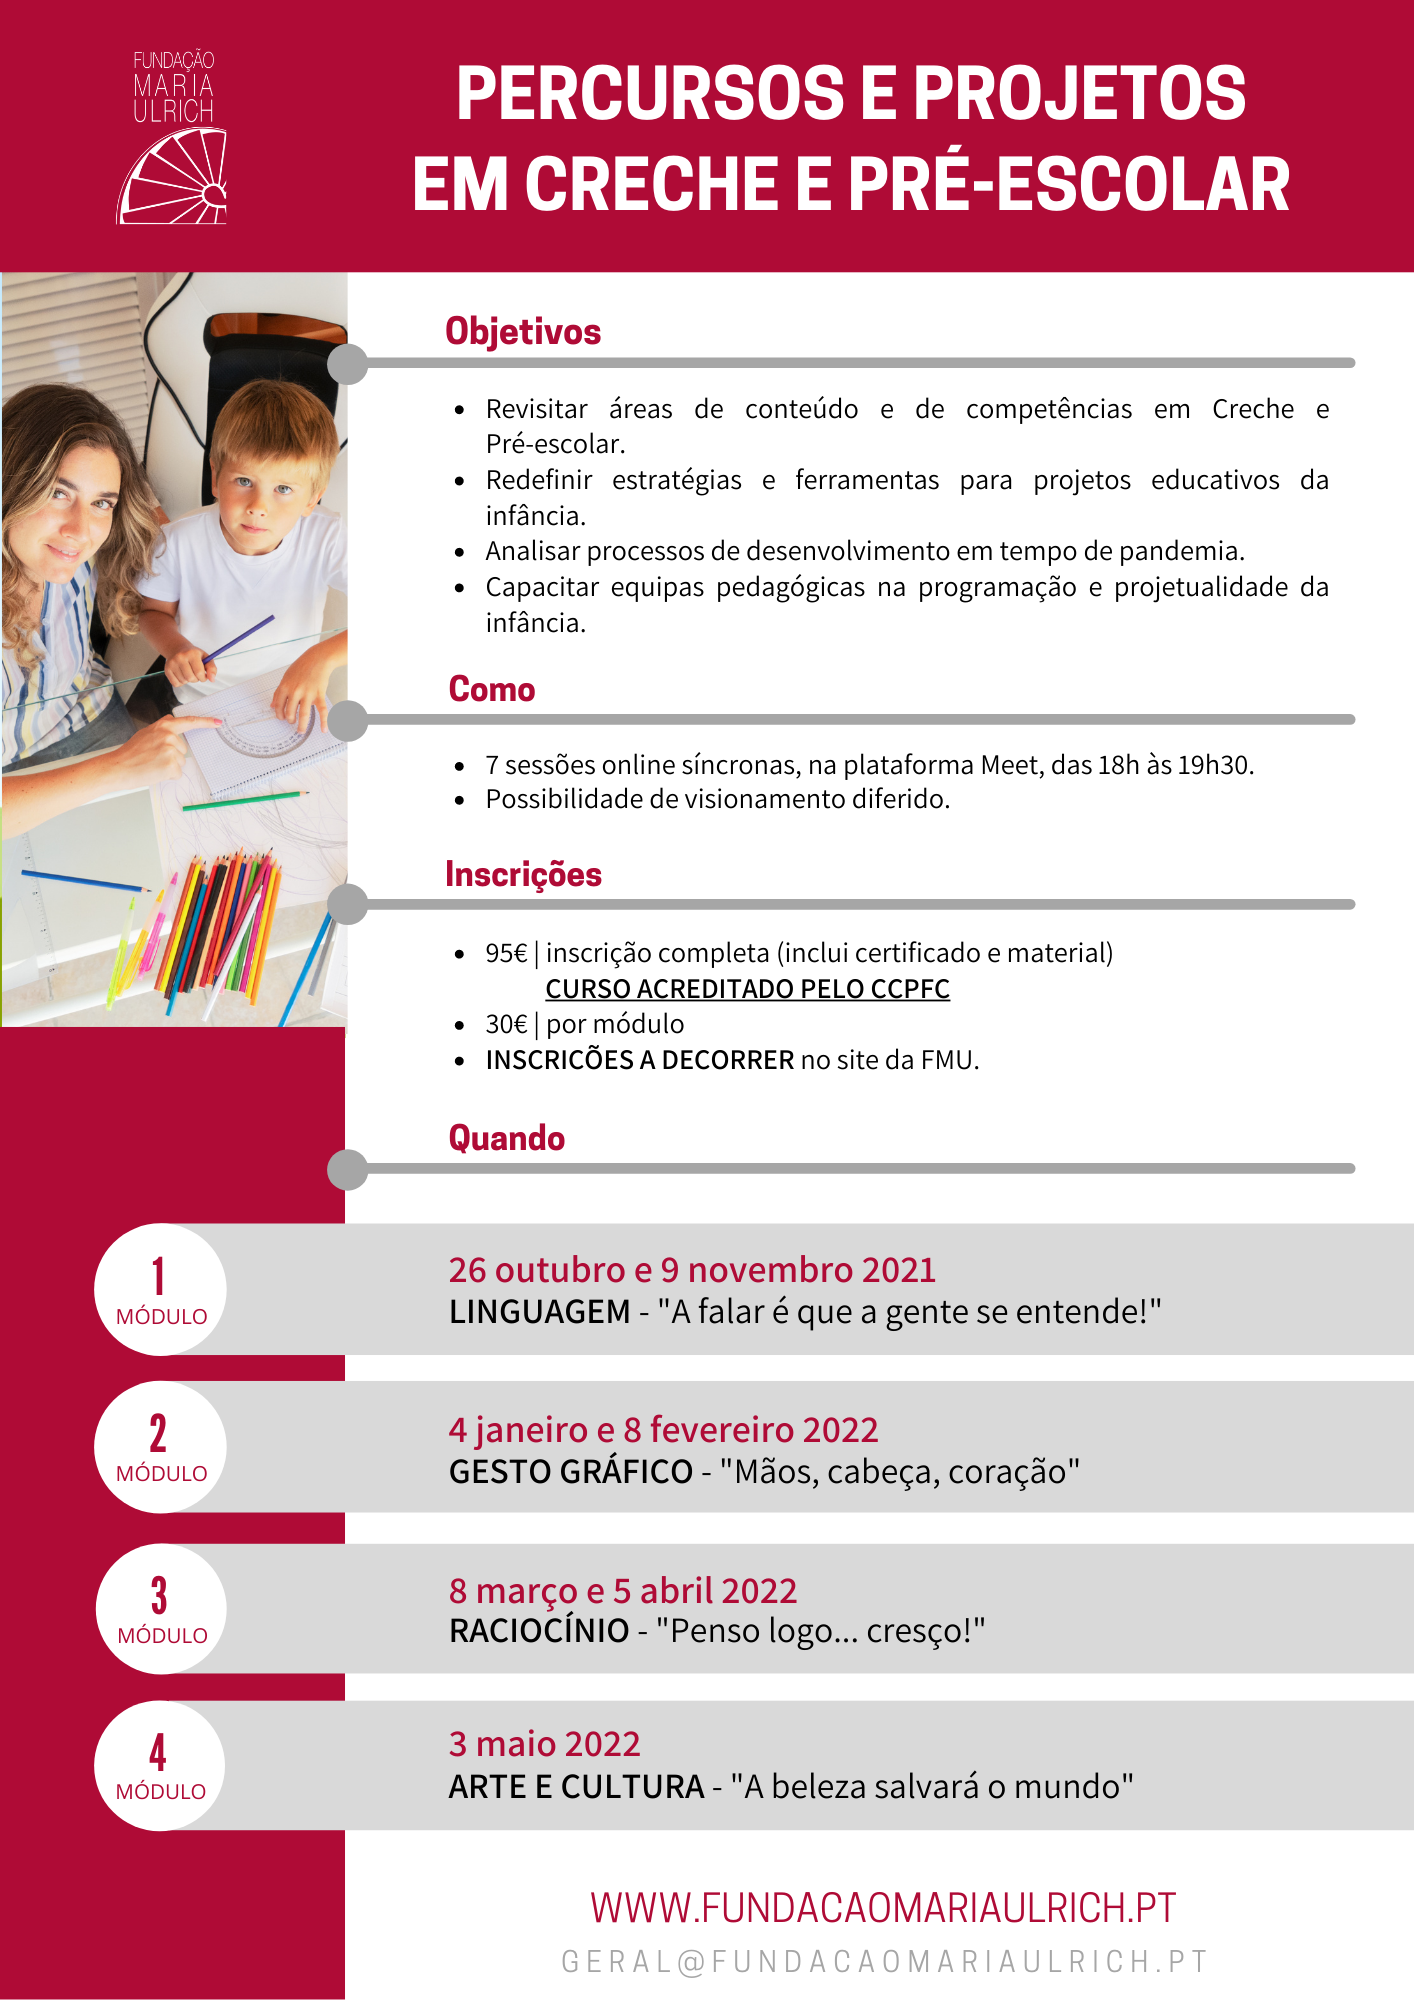 202122- Percursos e Projetos em creche e pré-escolar